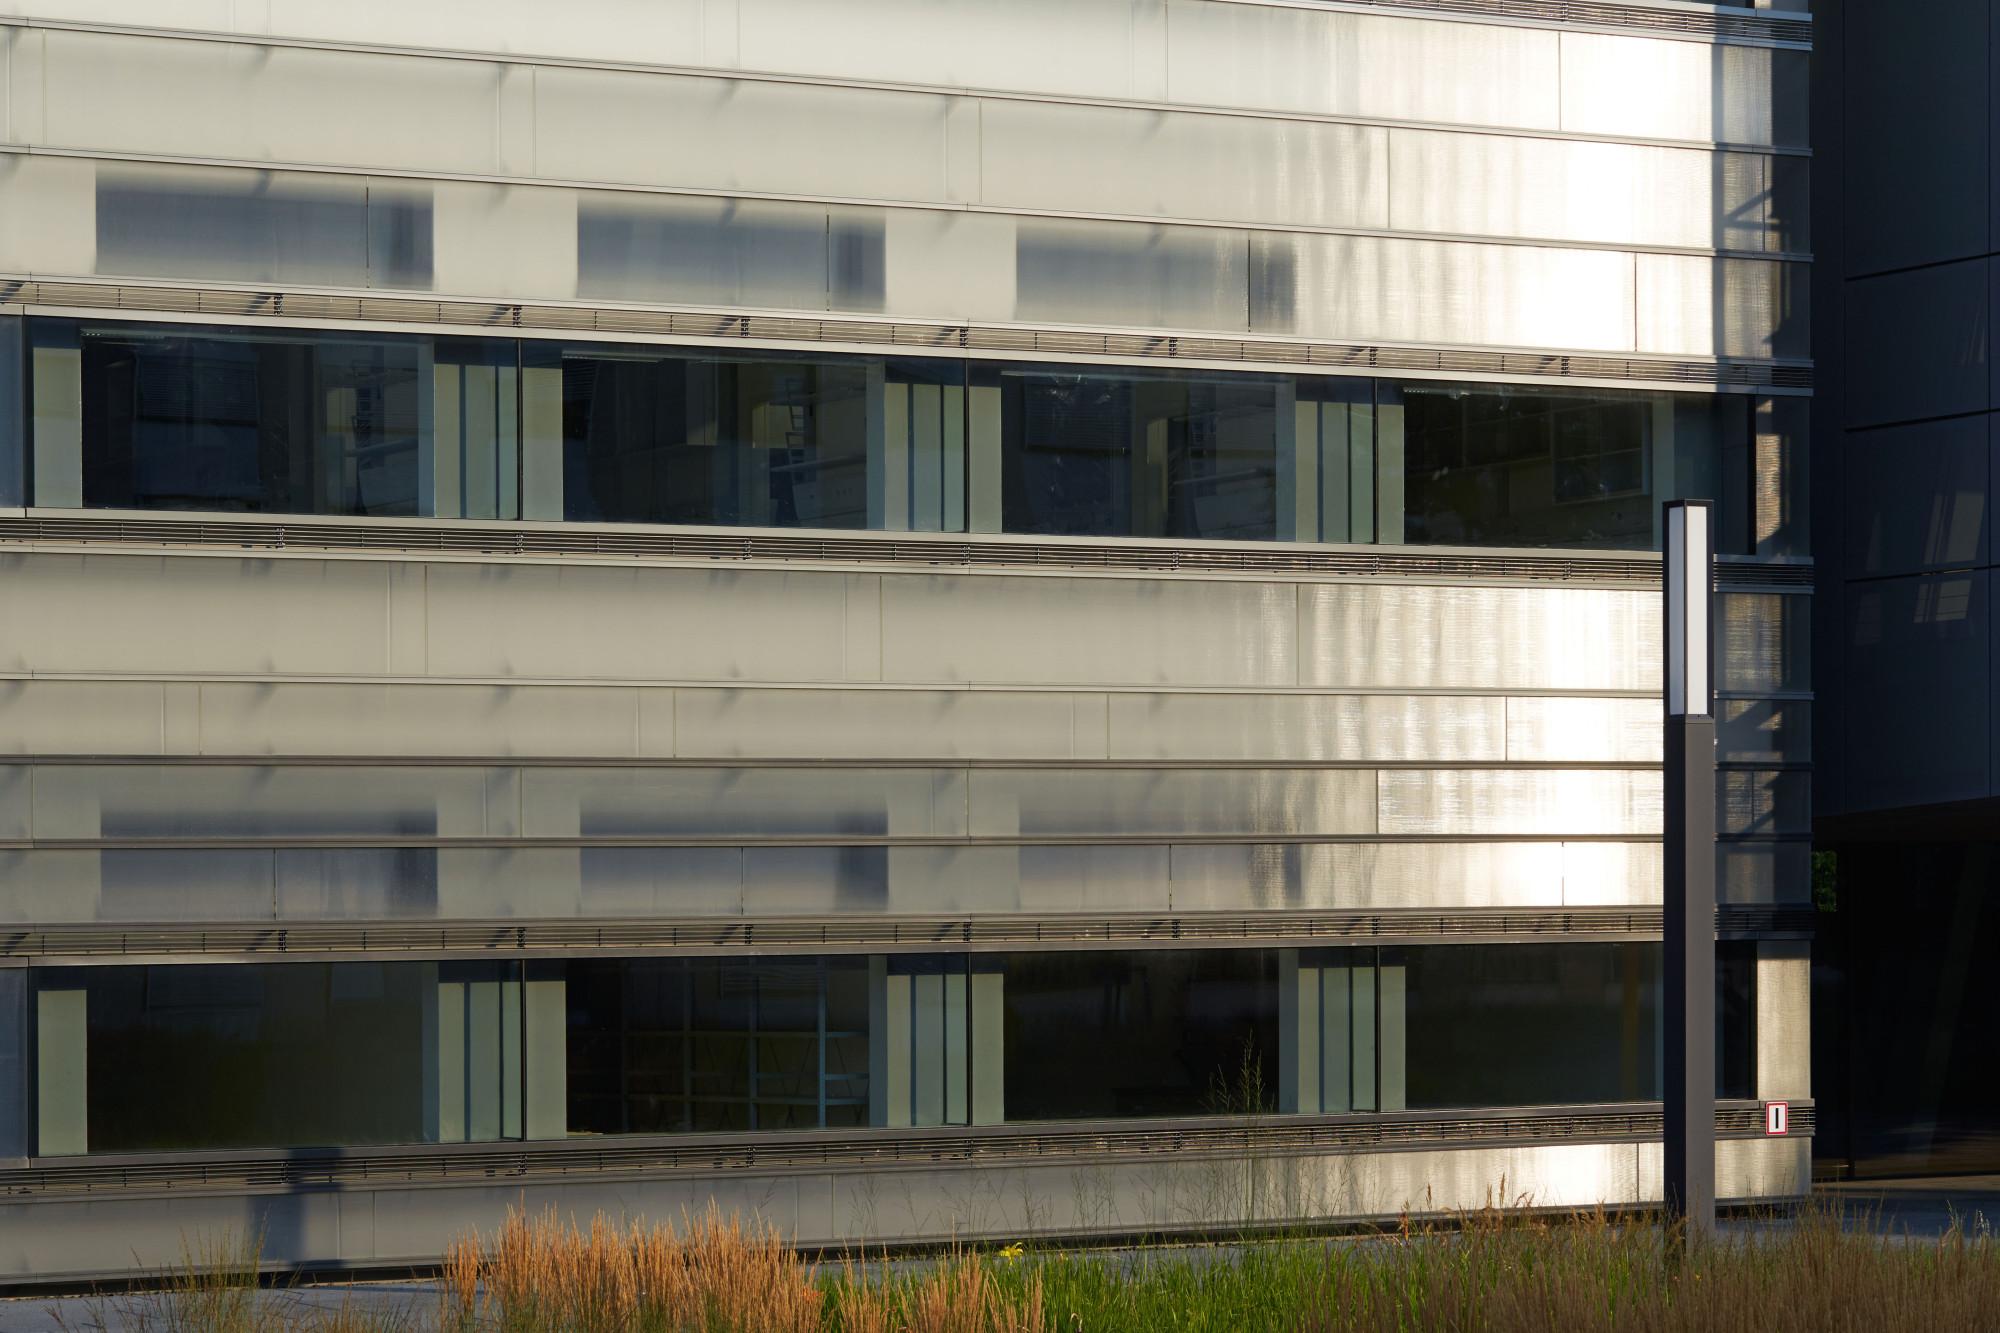 Durch Den Abstand Zwischen Außenwand Und Verglasung Erhält Die Fassade Eine  Gewisse Tiefenwirkung